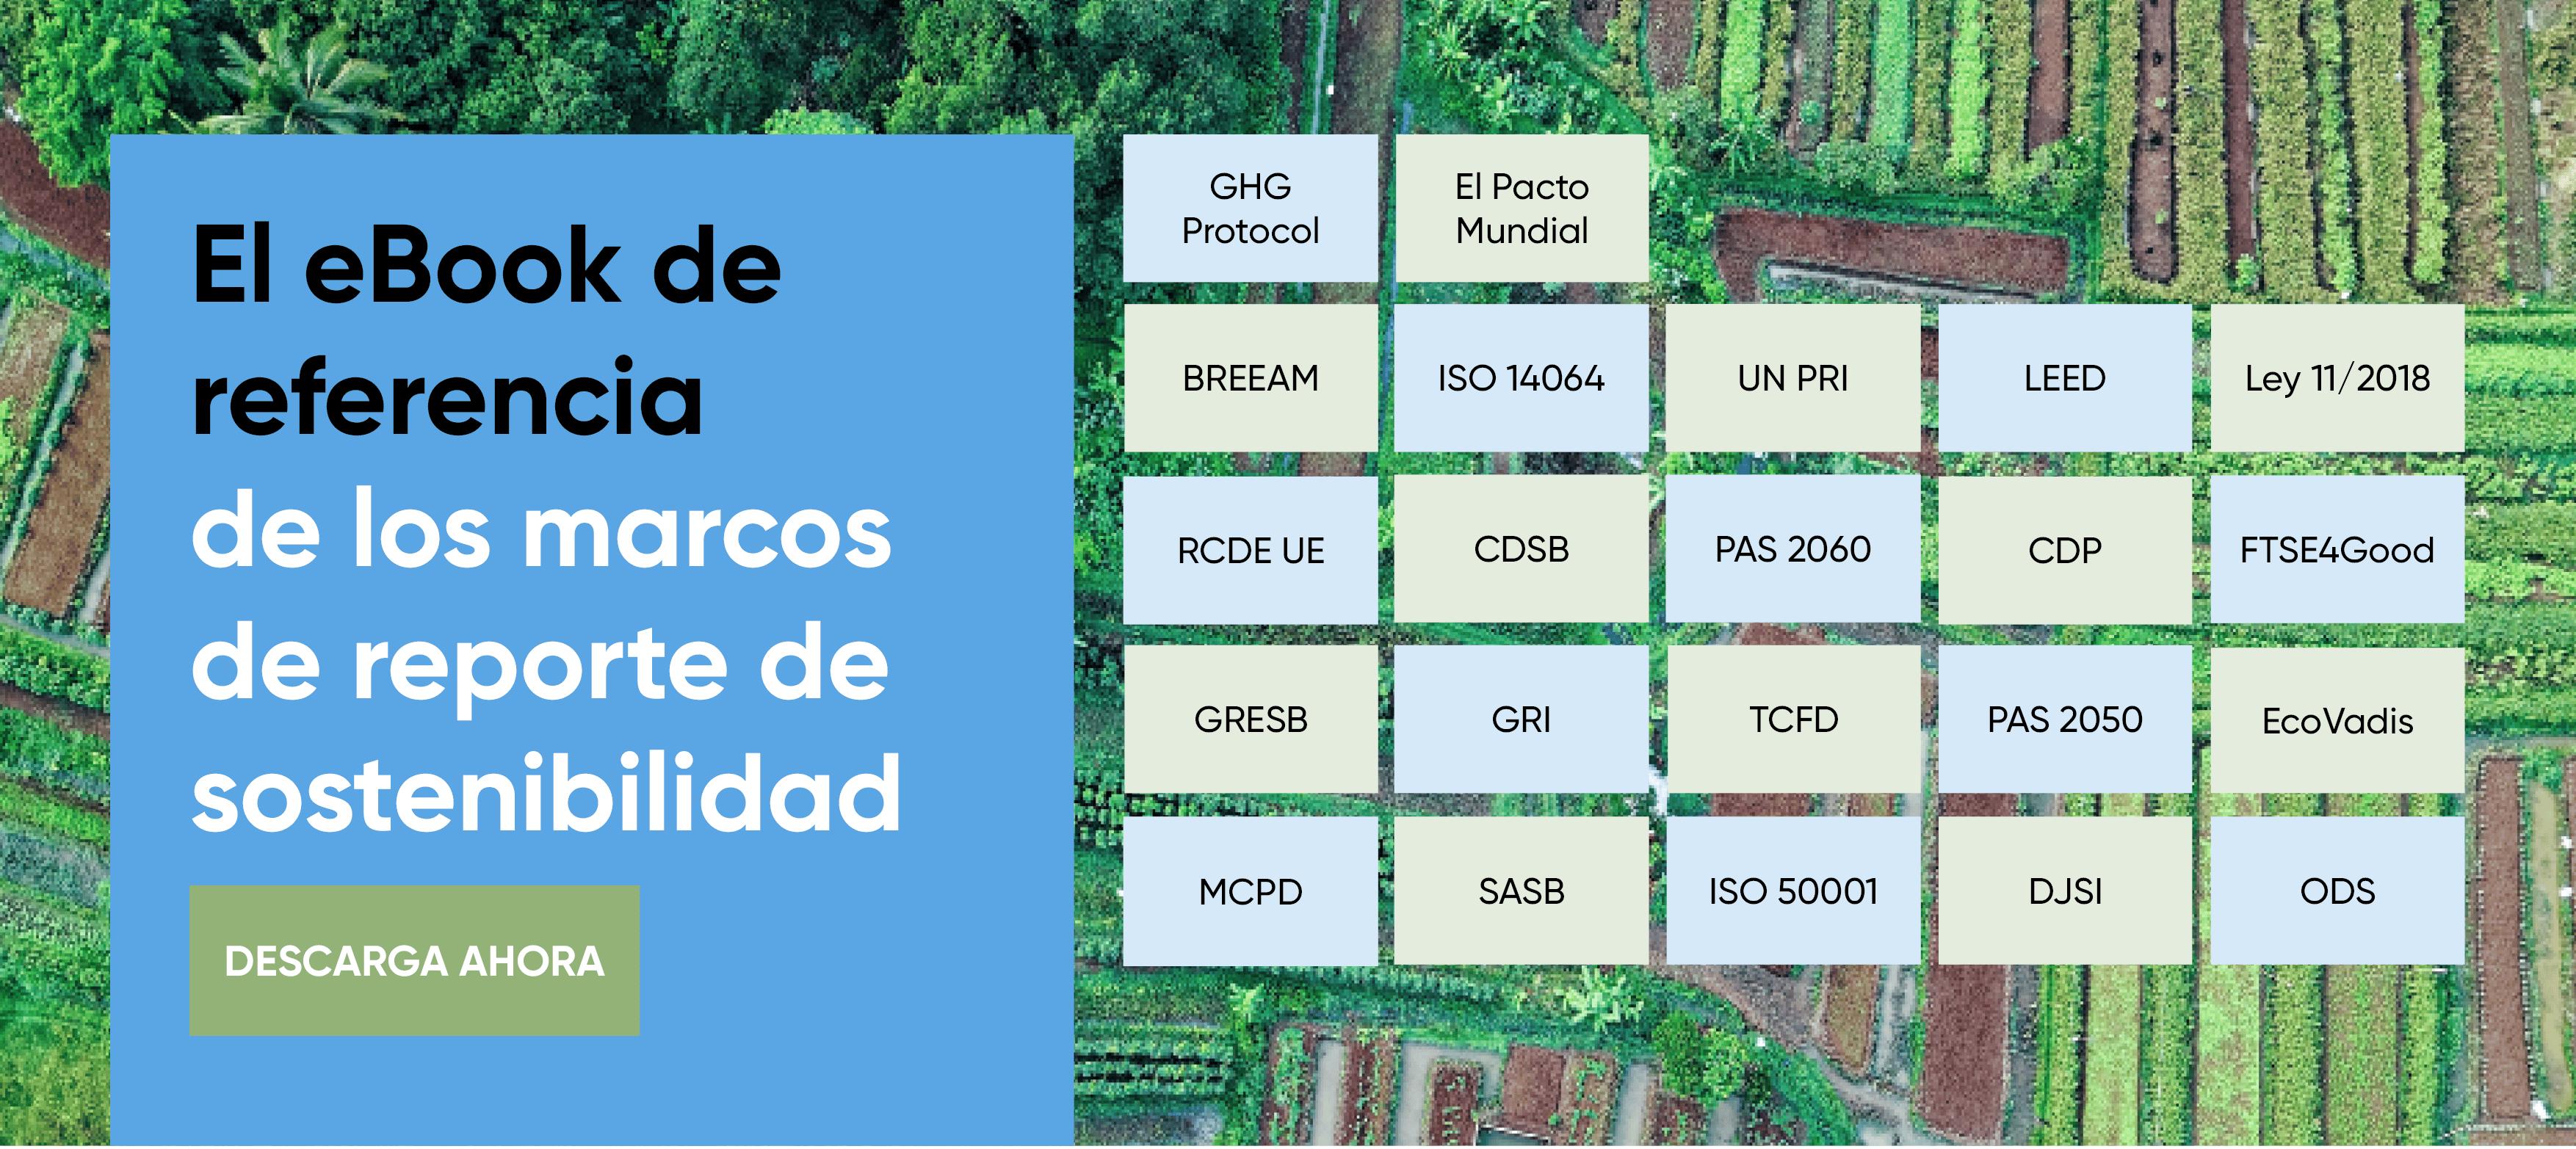 El eBook de referencia de los marcos de reporte de sostenibilidad